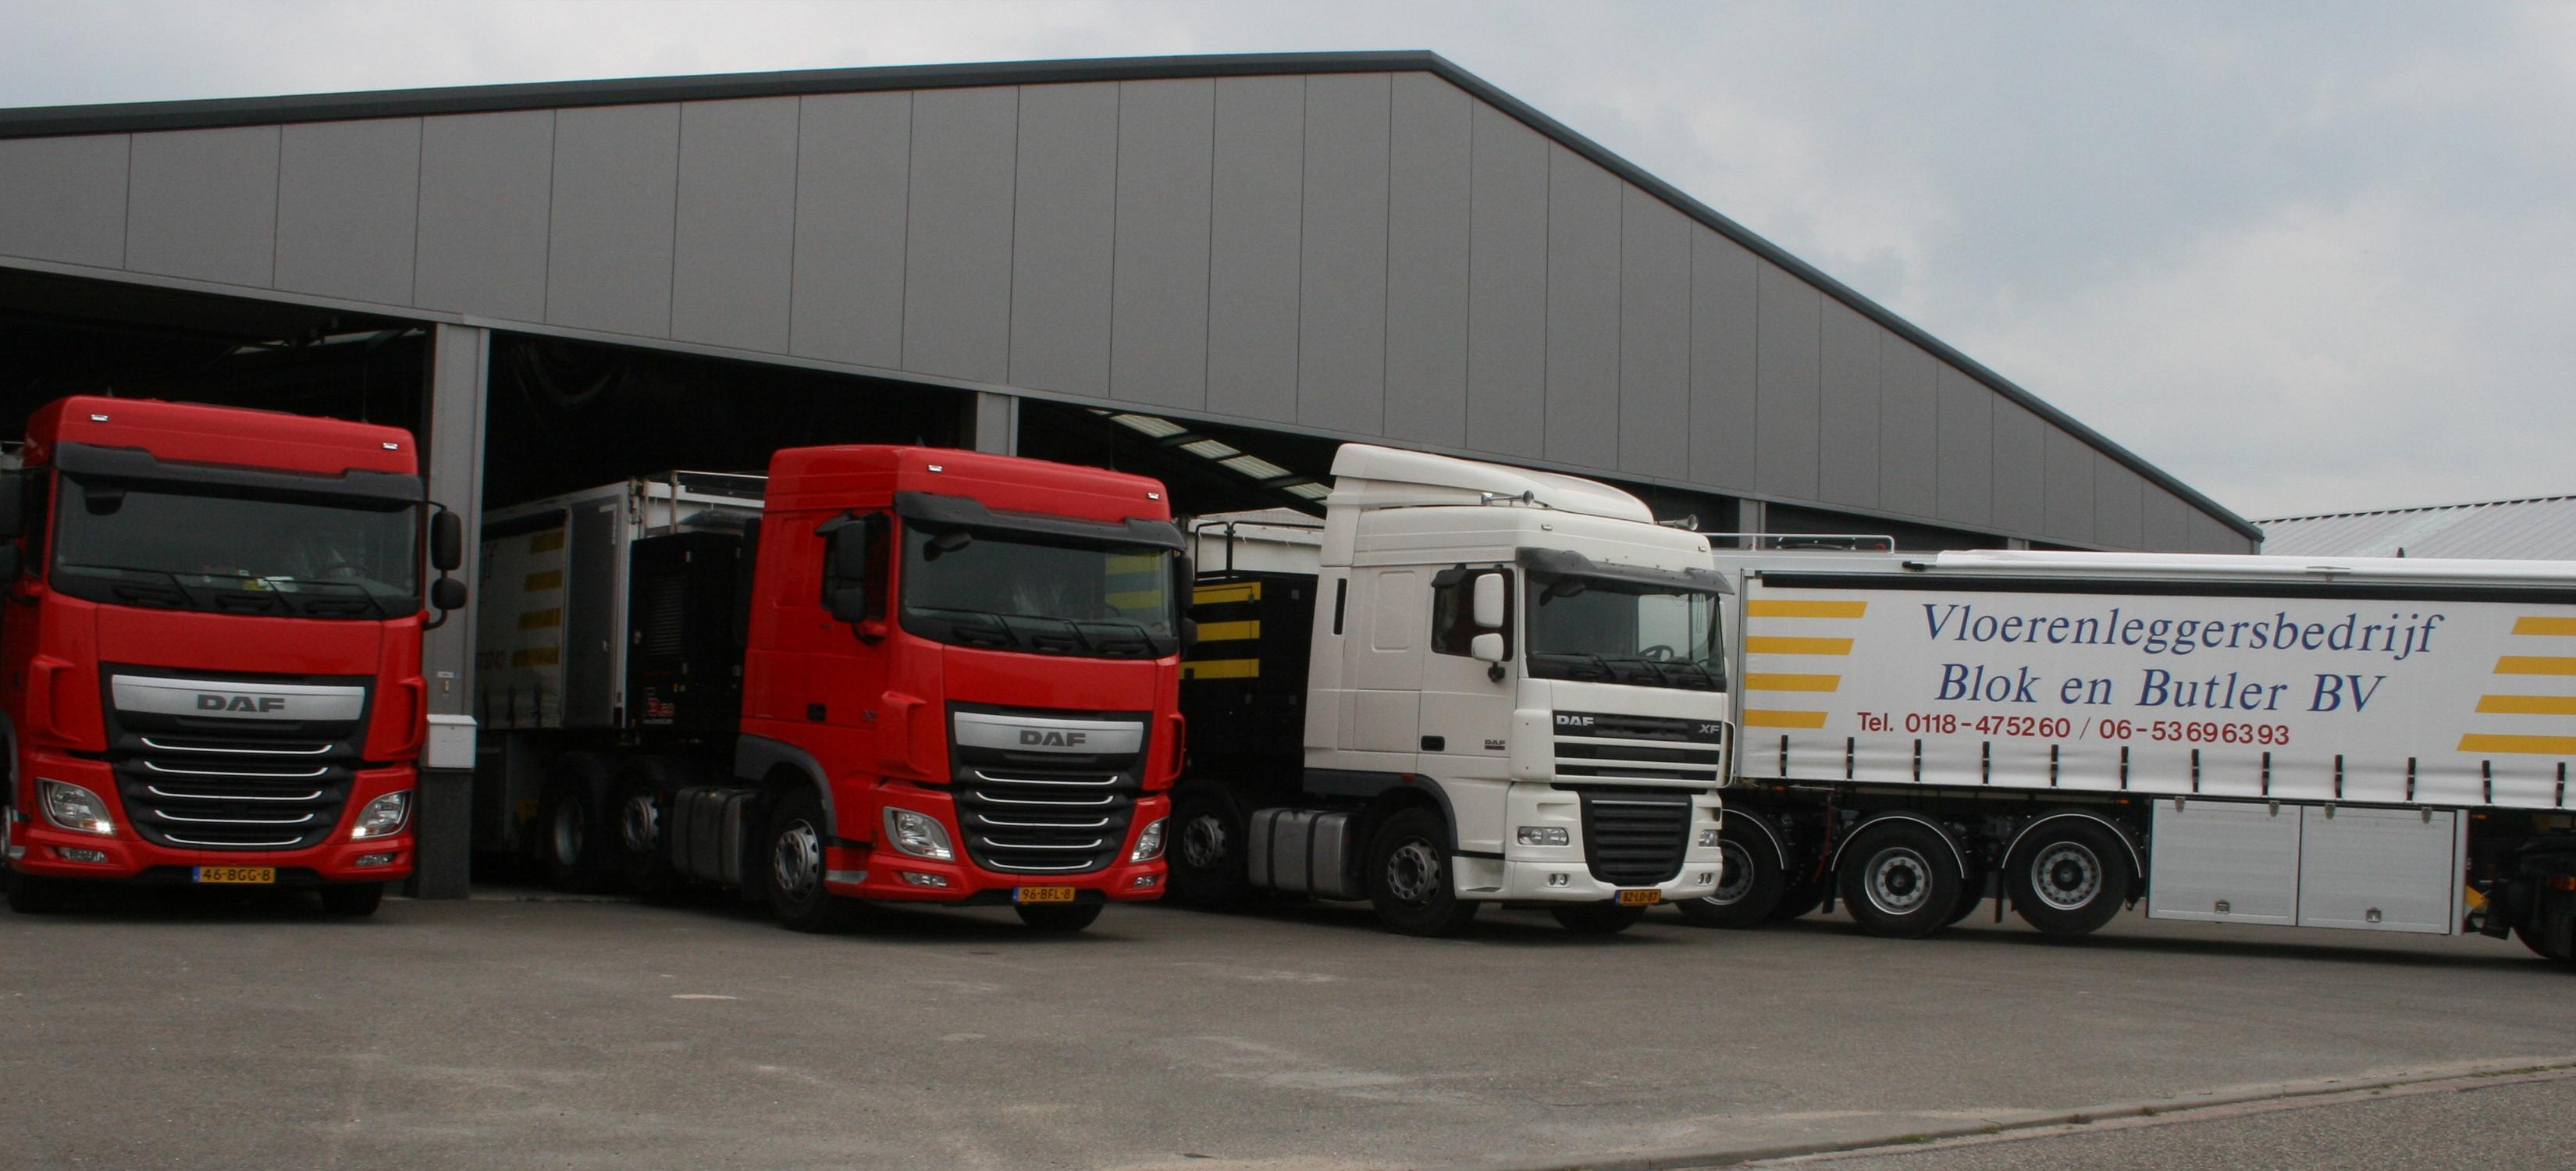 6 vrachtwagens groot materieel